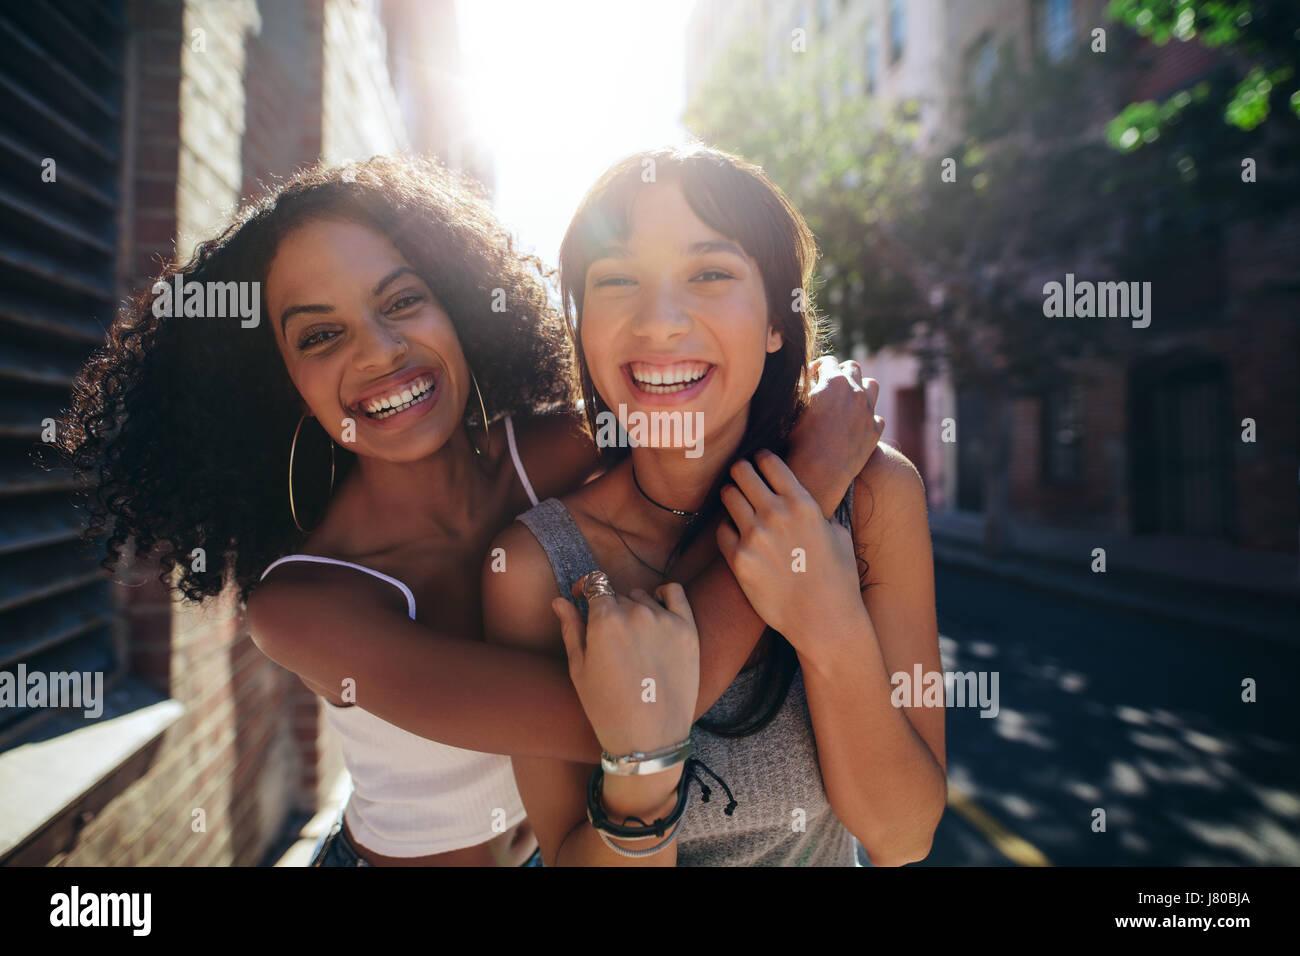 Retrato de dos mujeres jóvenes en las calles de la ciudad para divertirse. Amigas en la carretera abrazar y Imagen De Stock